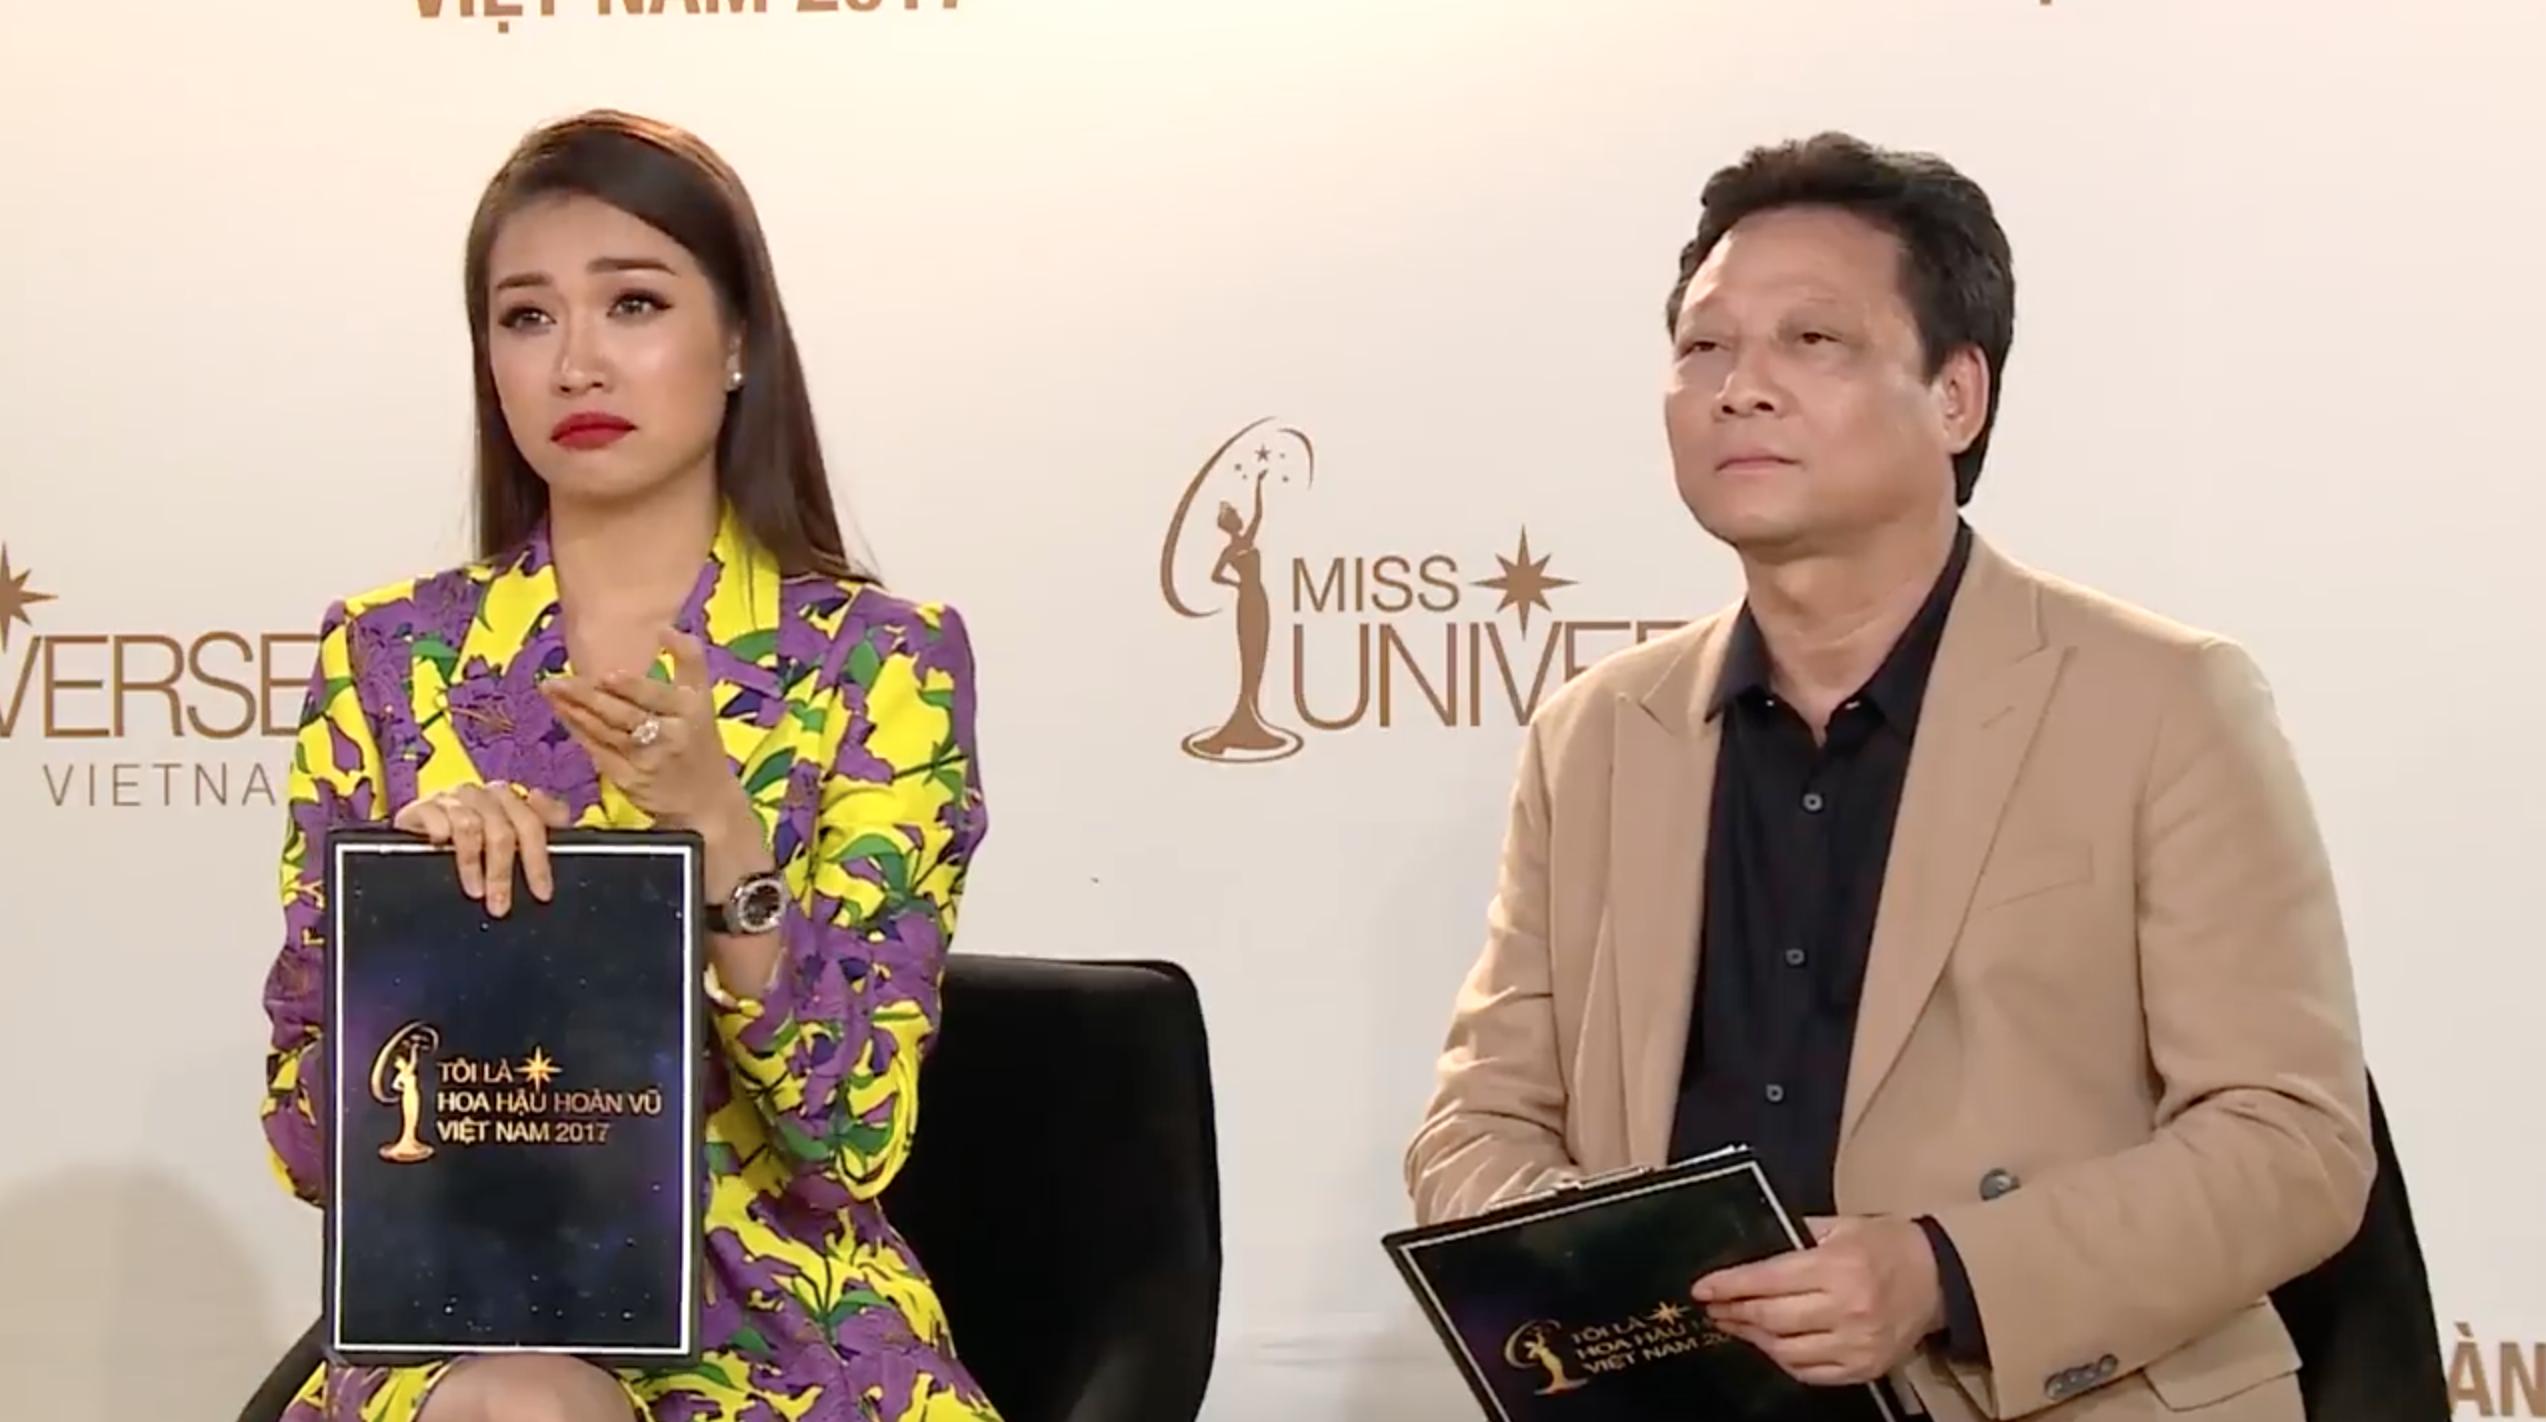 Ai là thí sinh Hoa hậu Hoàn vũ VN bị đánh giá thiếu trung thực? - Ảnh 5.